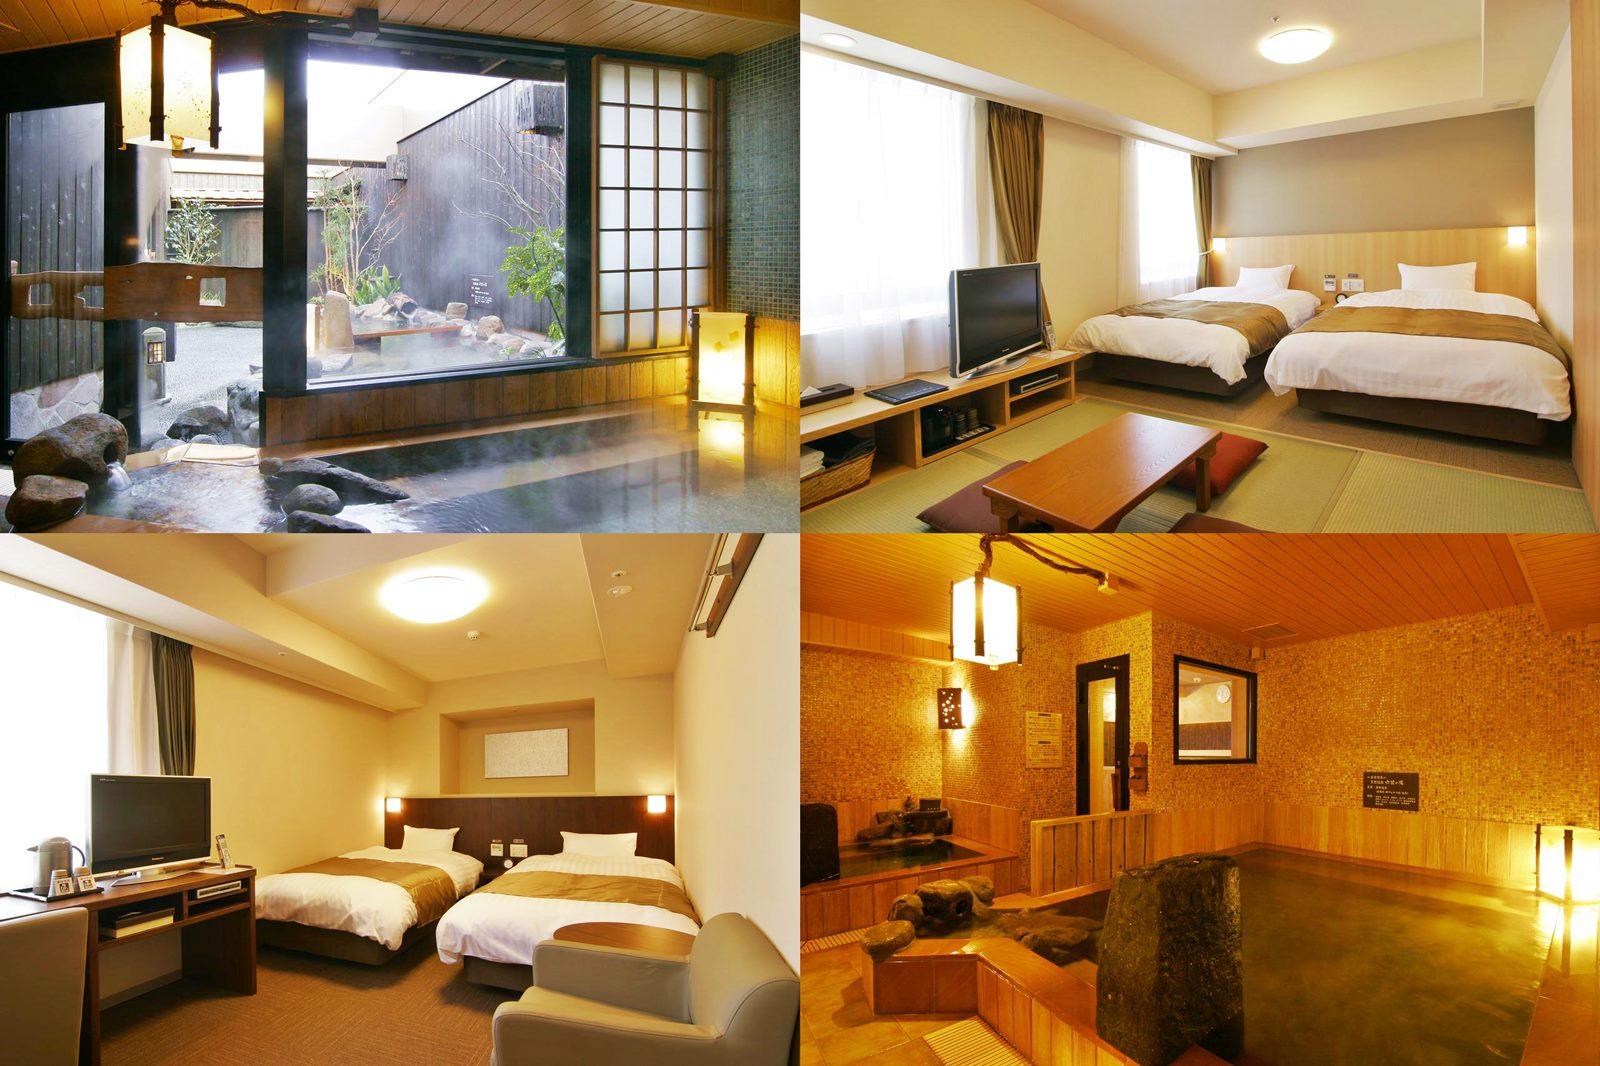 九州-住宿-推薦-熊本-鹿兒島-宮崎-大分-別府-飯店-旅館-民宿-酒店-Kyushu-Kumamoto-Kagoshima-Oita-Miyazaki-Hotels